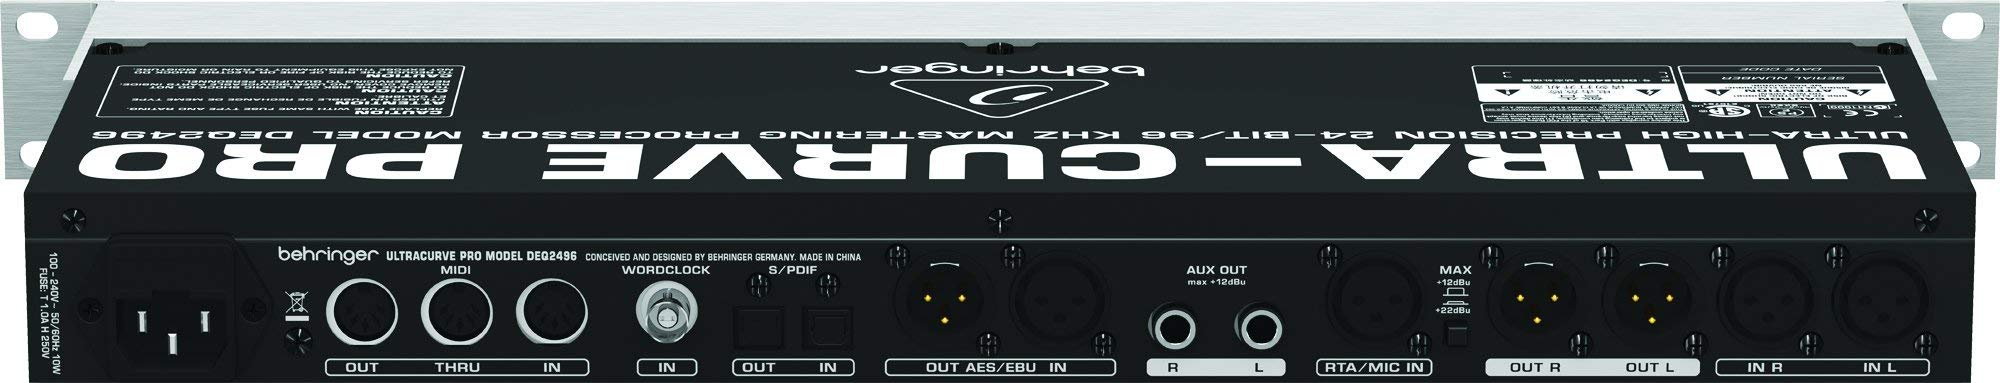 Behringer Ultracurve Pro DEQ2496 Ultra-High Precision 24-Bit/96 kHz Equalizer, Analyzer, Feedback Destroyer and Mastering Processor (Certified Refurbished) by Behringer (Image #6)